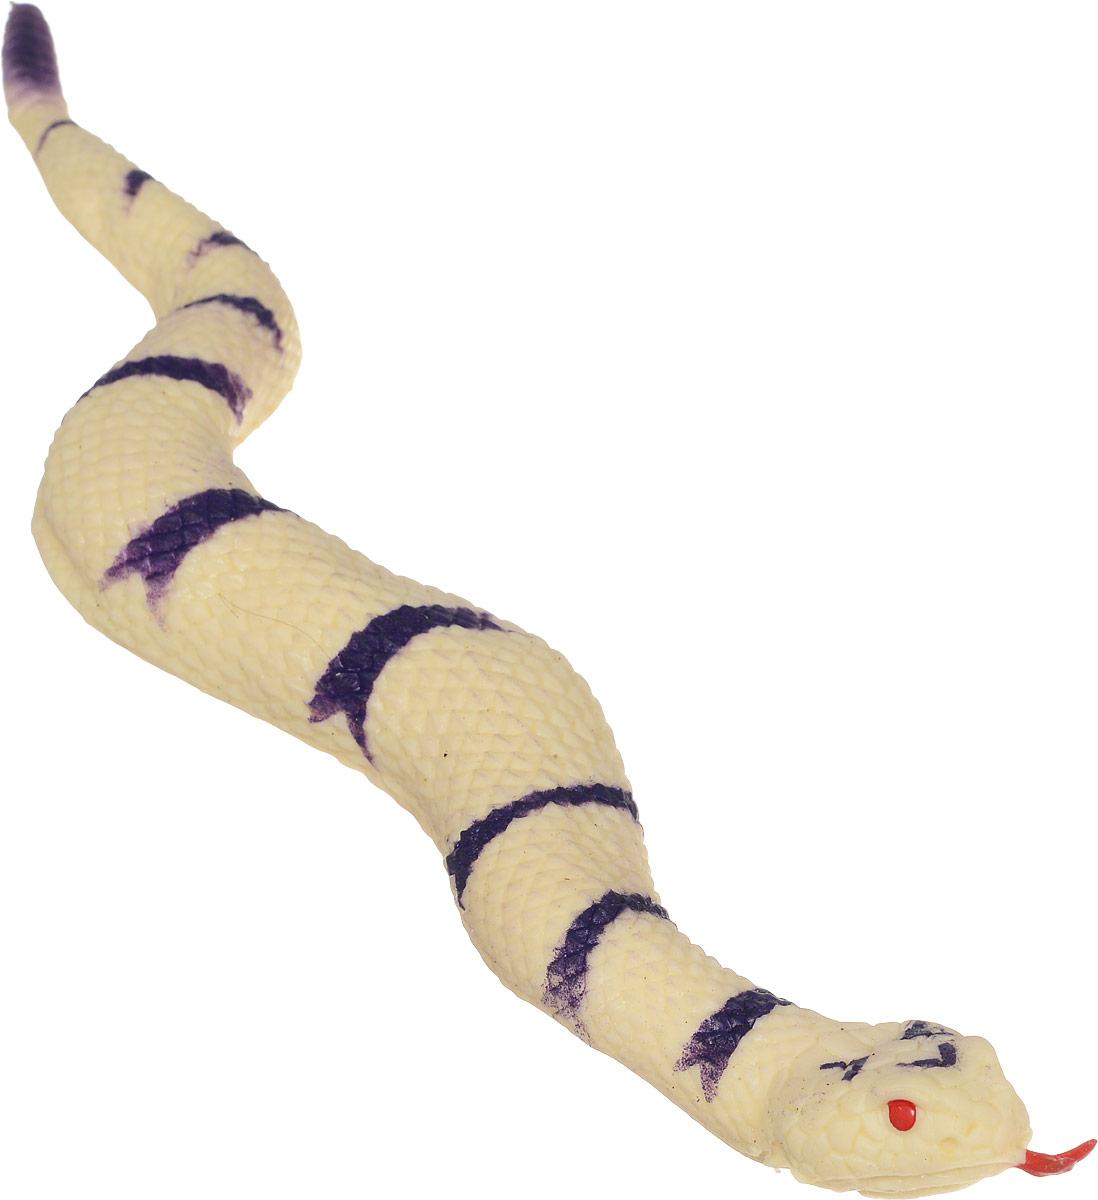 Играем вместе Фигурка ЗмеяW6328-SNAKEФигурка Играем вместе Змея создана специально для любителей опасных животных. Игрушка сделана из безопасного и тянущегося материала, а качественная окраска придает животному натуральный вид. Если маленький проказник захочет испугать кого-нибудь, ему это несомненно удастся, потому что змея выглядит очень натурально. Игрушка прекрасно подходит для игр в воде. Такая игрушка существо привлечет внимание маленьких коллекционеров животного мира.